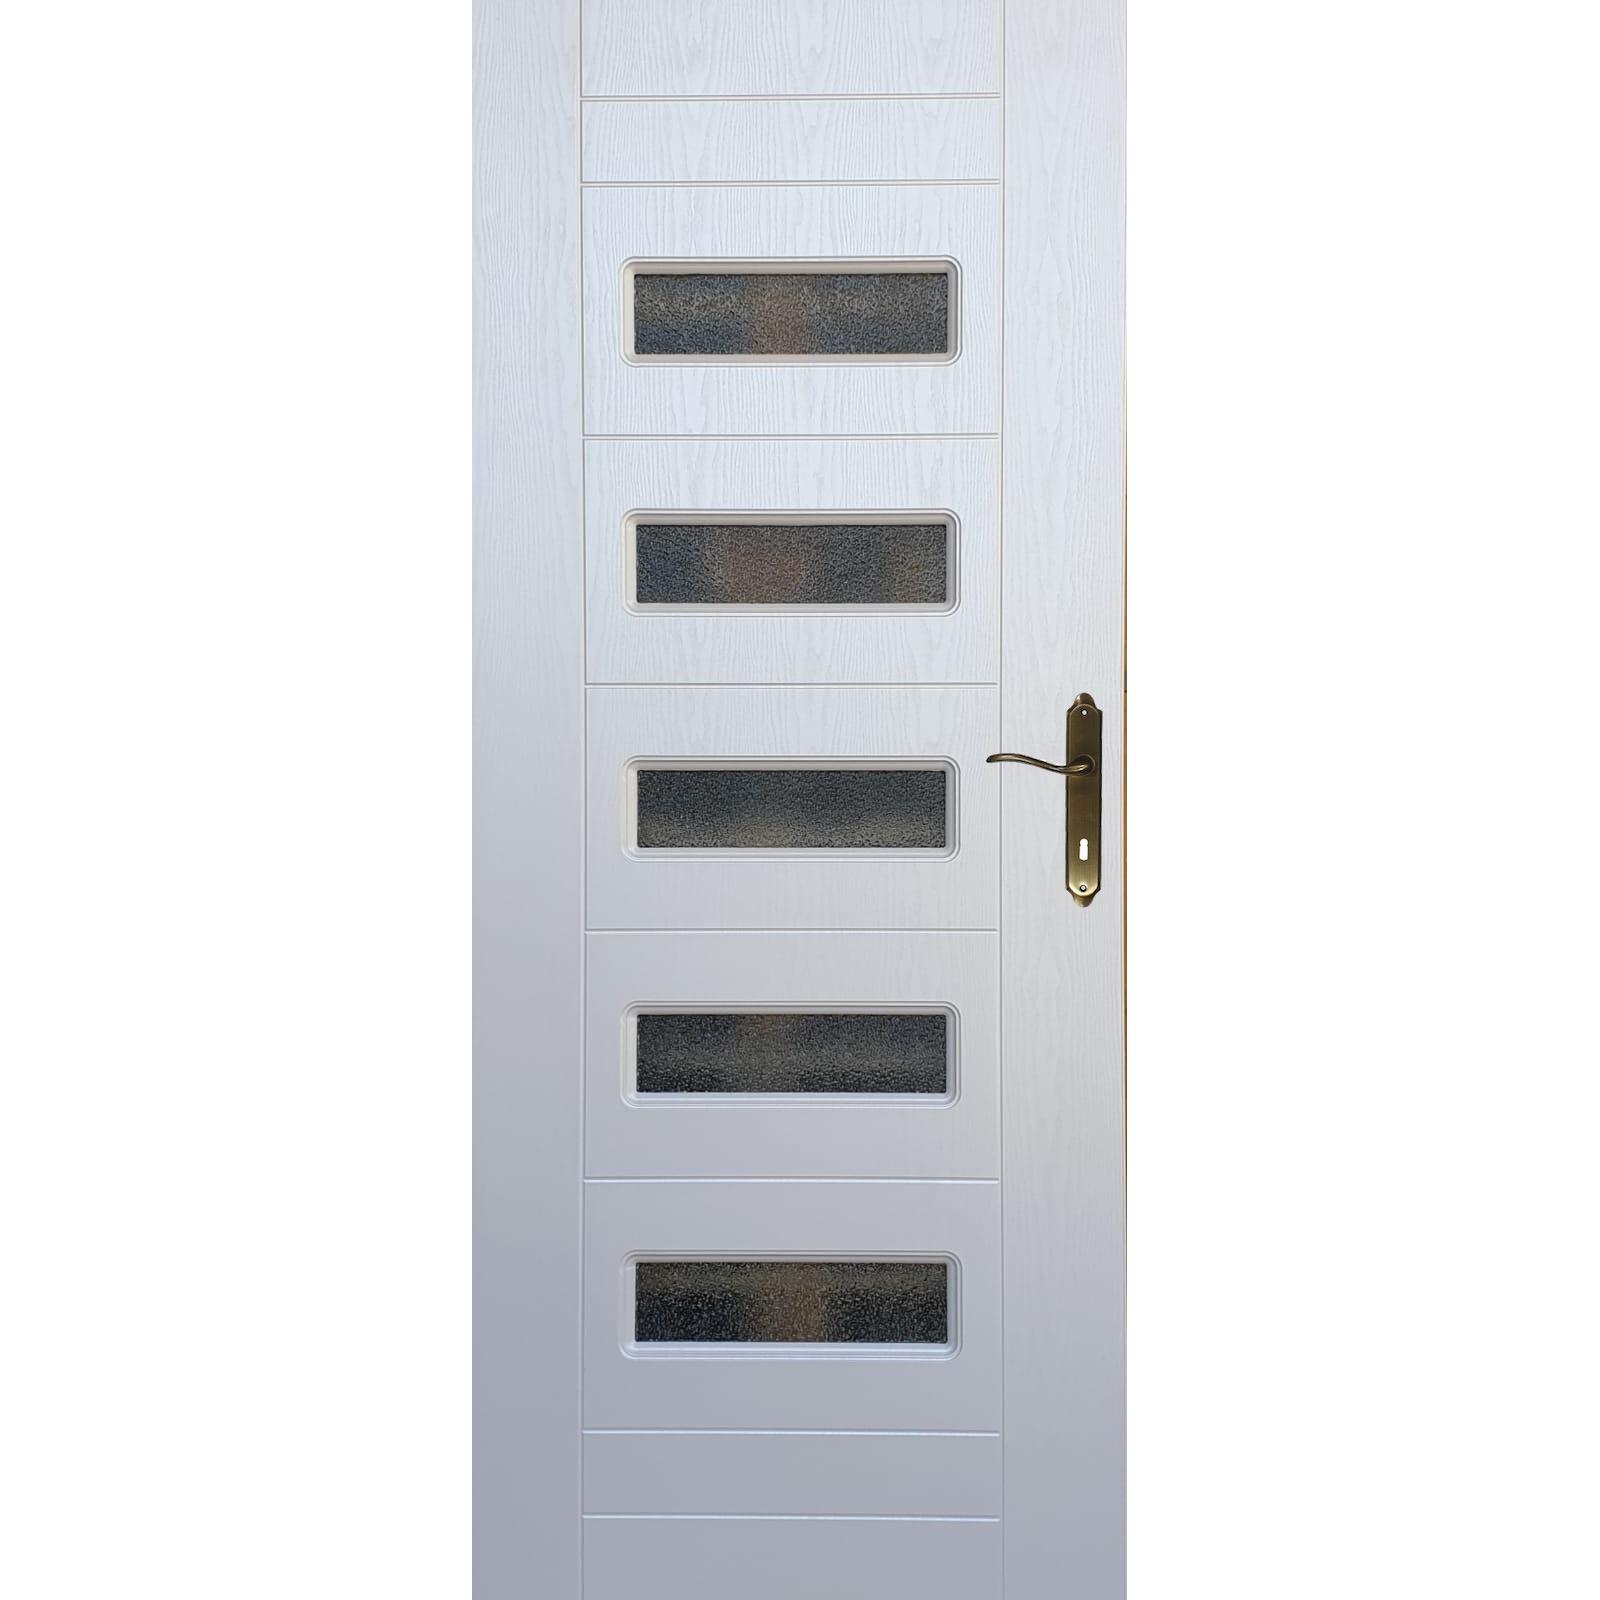 Usa interior cu geam Pamate M104, alb, 203 x 70 x 3,5 cm + toc 10 cm, reversibila imagine 2021 mathaus